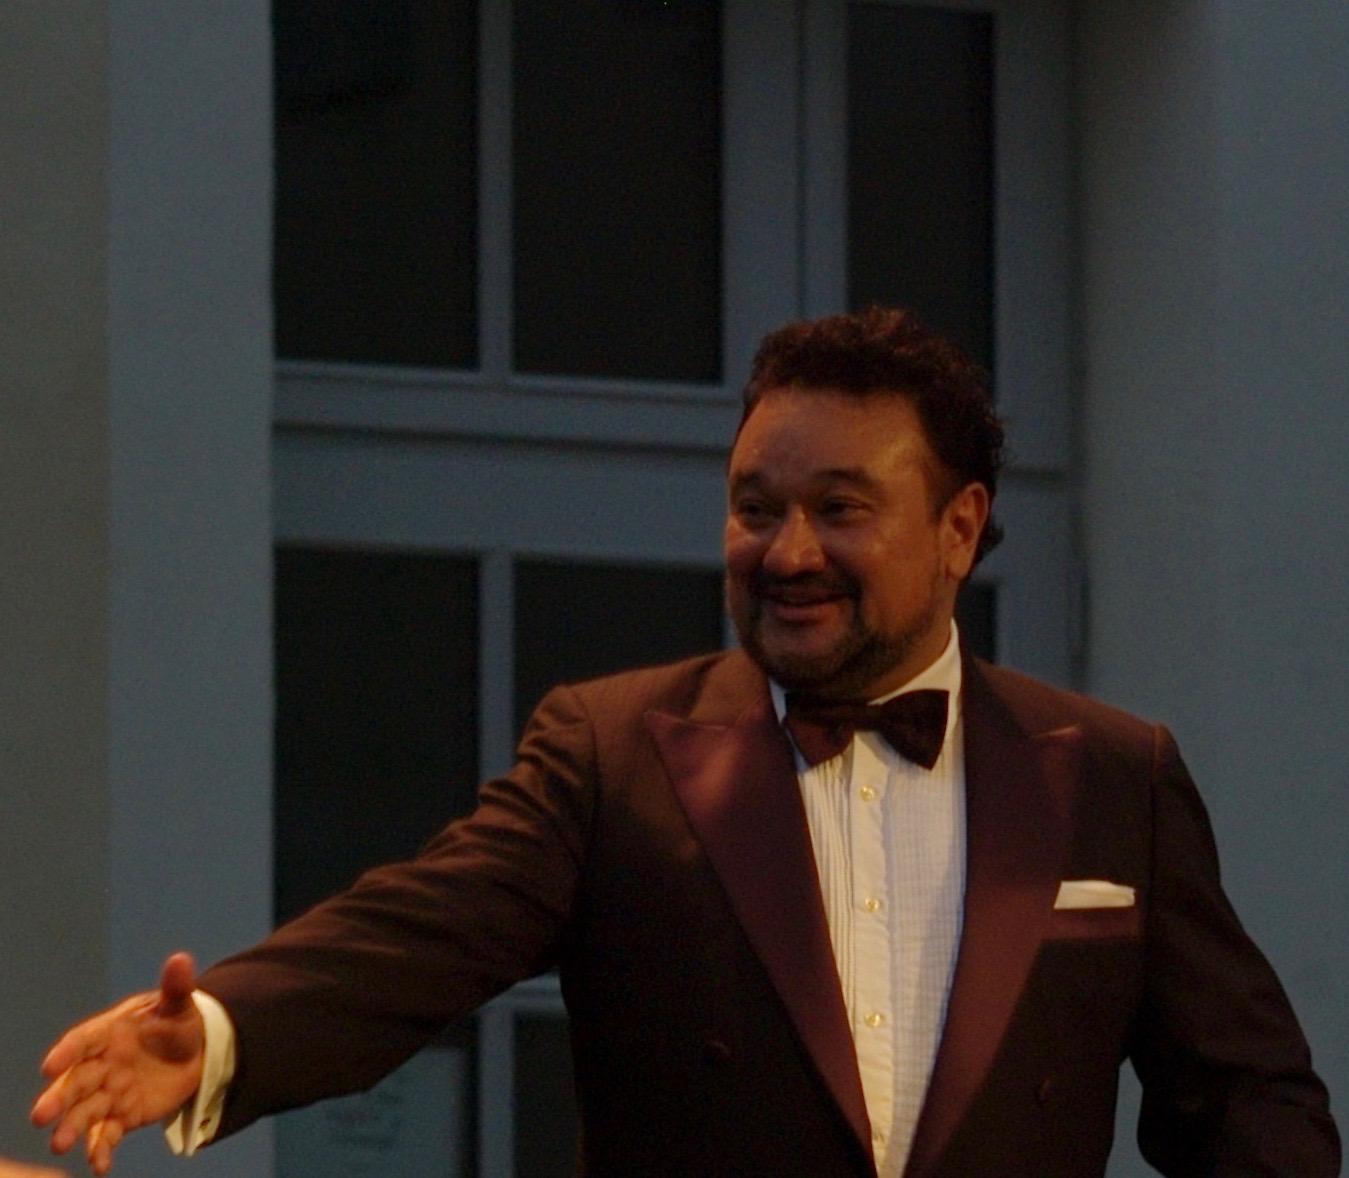 Le ténor Ramon Vargas en concert à la cour Saint-Louis aux Chorégies d'Orange